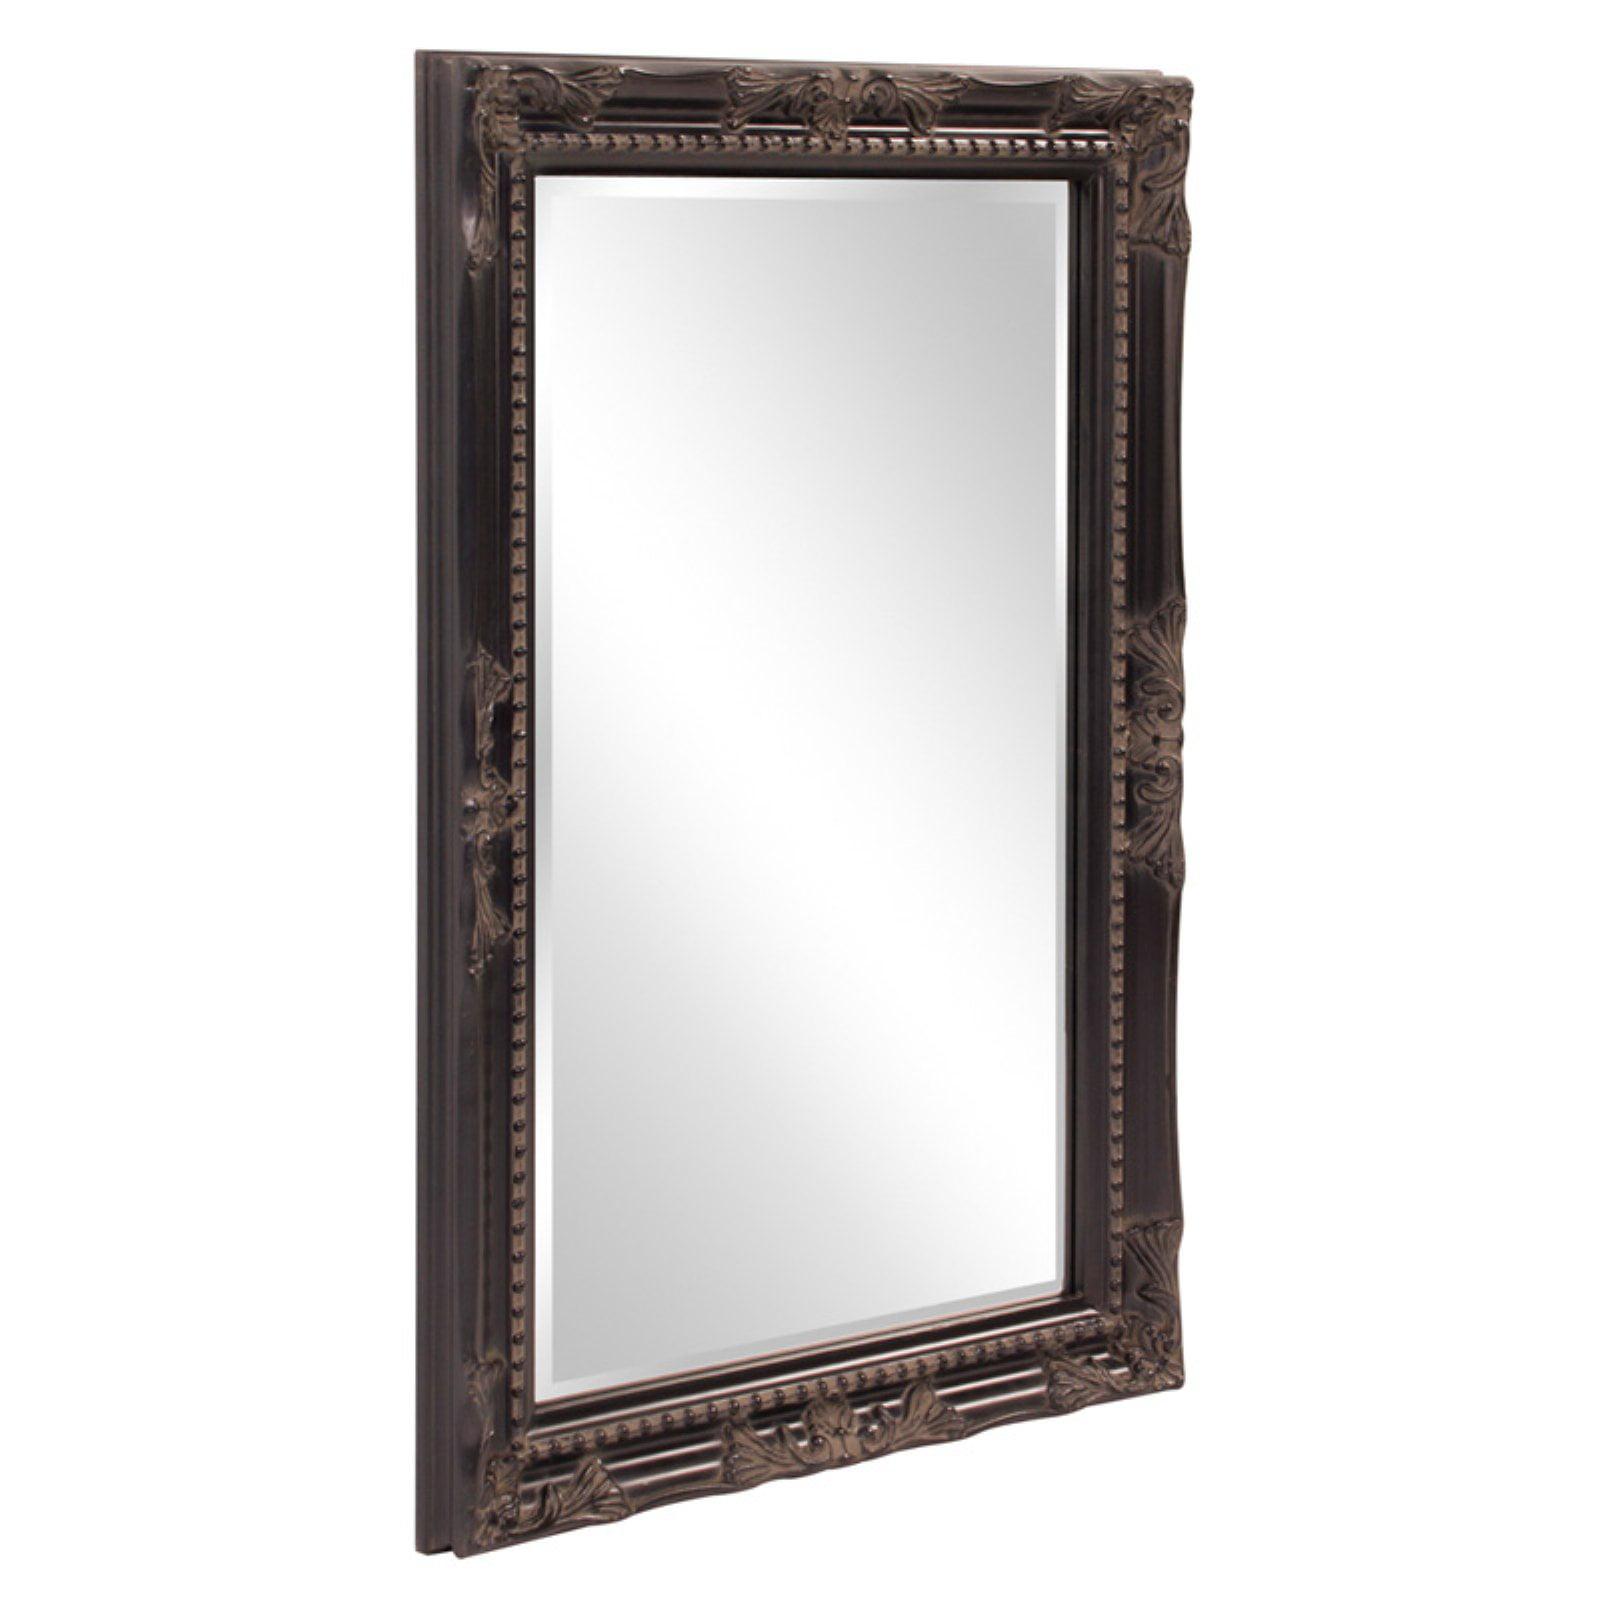 Beau Belham Living Queen Anne Rectangle Wall Mirror   Walmart.com